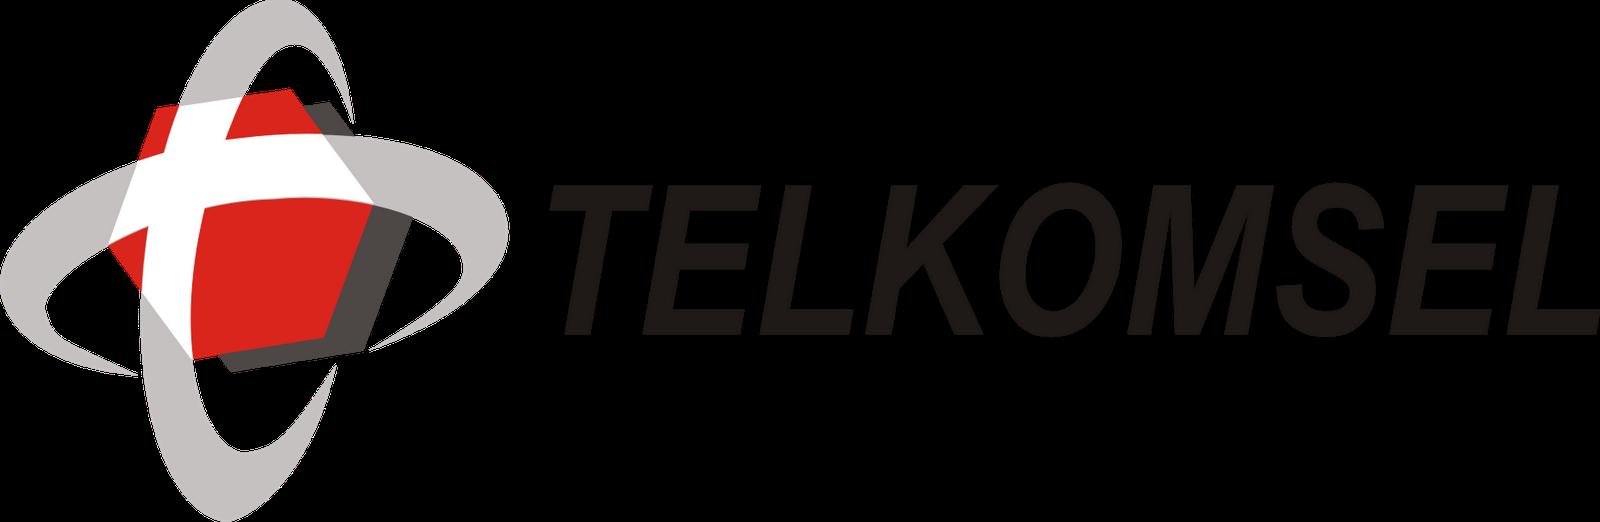 logo telkomsel kumpulan logo lambang indonesia